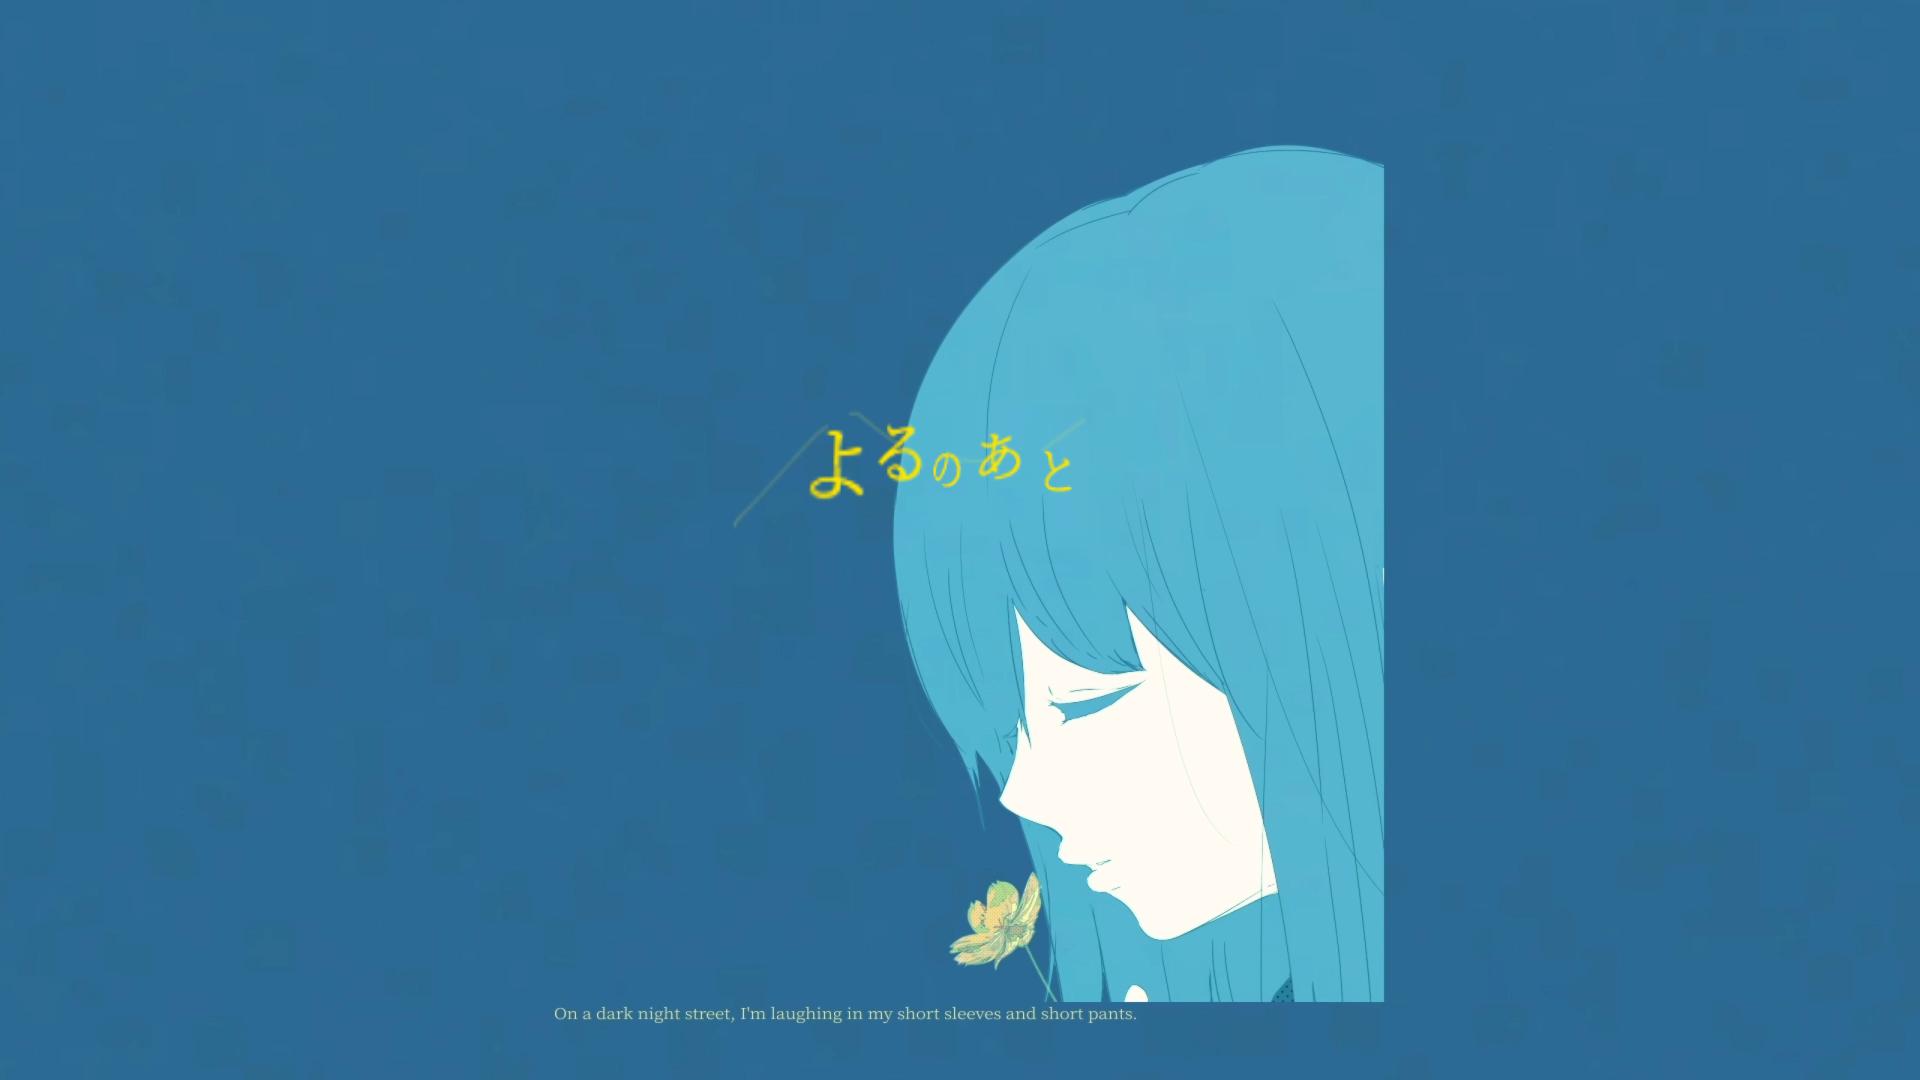 あーきとれーぶが、adieu(上白石萌歌)「よるのあと」のアフターミュージックビデオを制作!